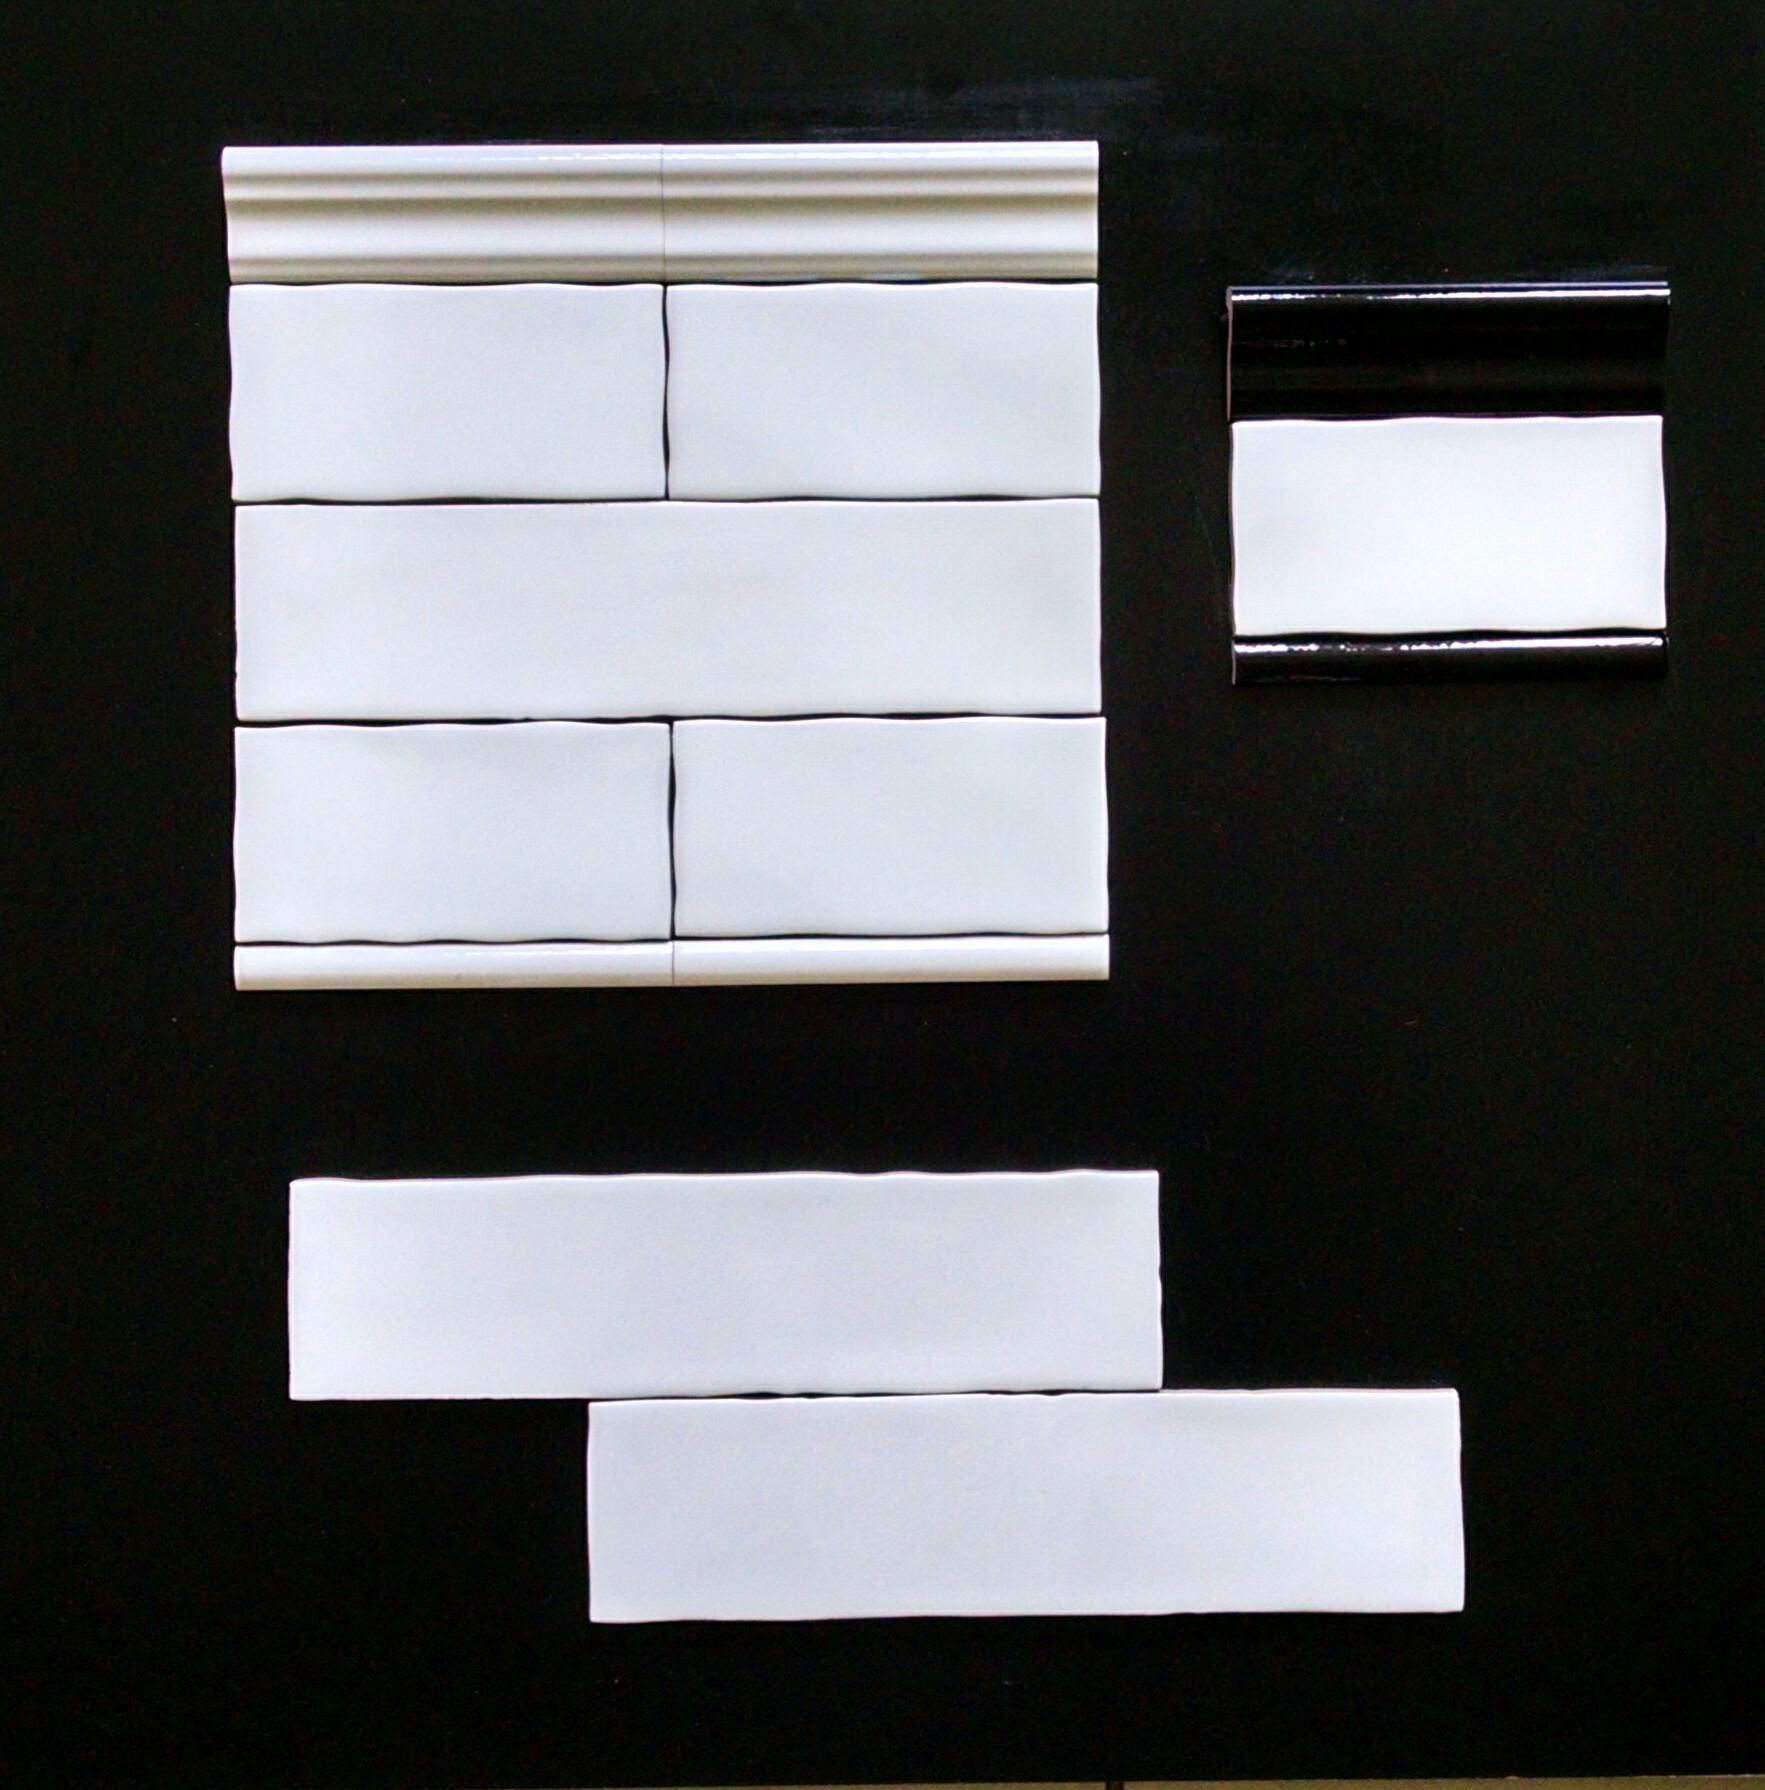 """METRO WHITE   3""""X6"""" - 88 PC/CTN (10.66 SF); 80 CTN/PLT  3""""X12"""" - 44 PC/CTN (10.66 SF); 80 CTN/PLT  3""""X6"""" BULLNOSE  2""""X6"""" CHAIRRAIL  0.75""""X6"""" PENCIL   METRO BLACK  -2""""X6"""" CHAIRRAIL                0.75""""X6"""" PENCIL"""